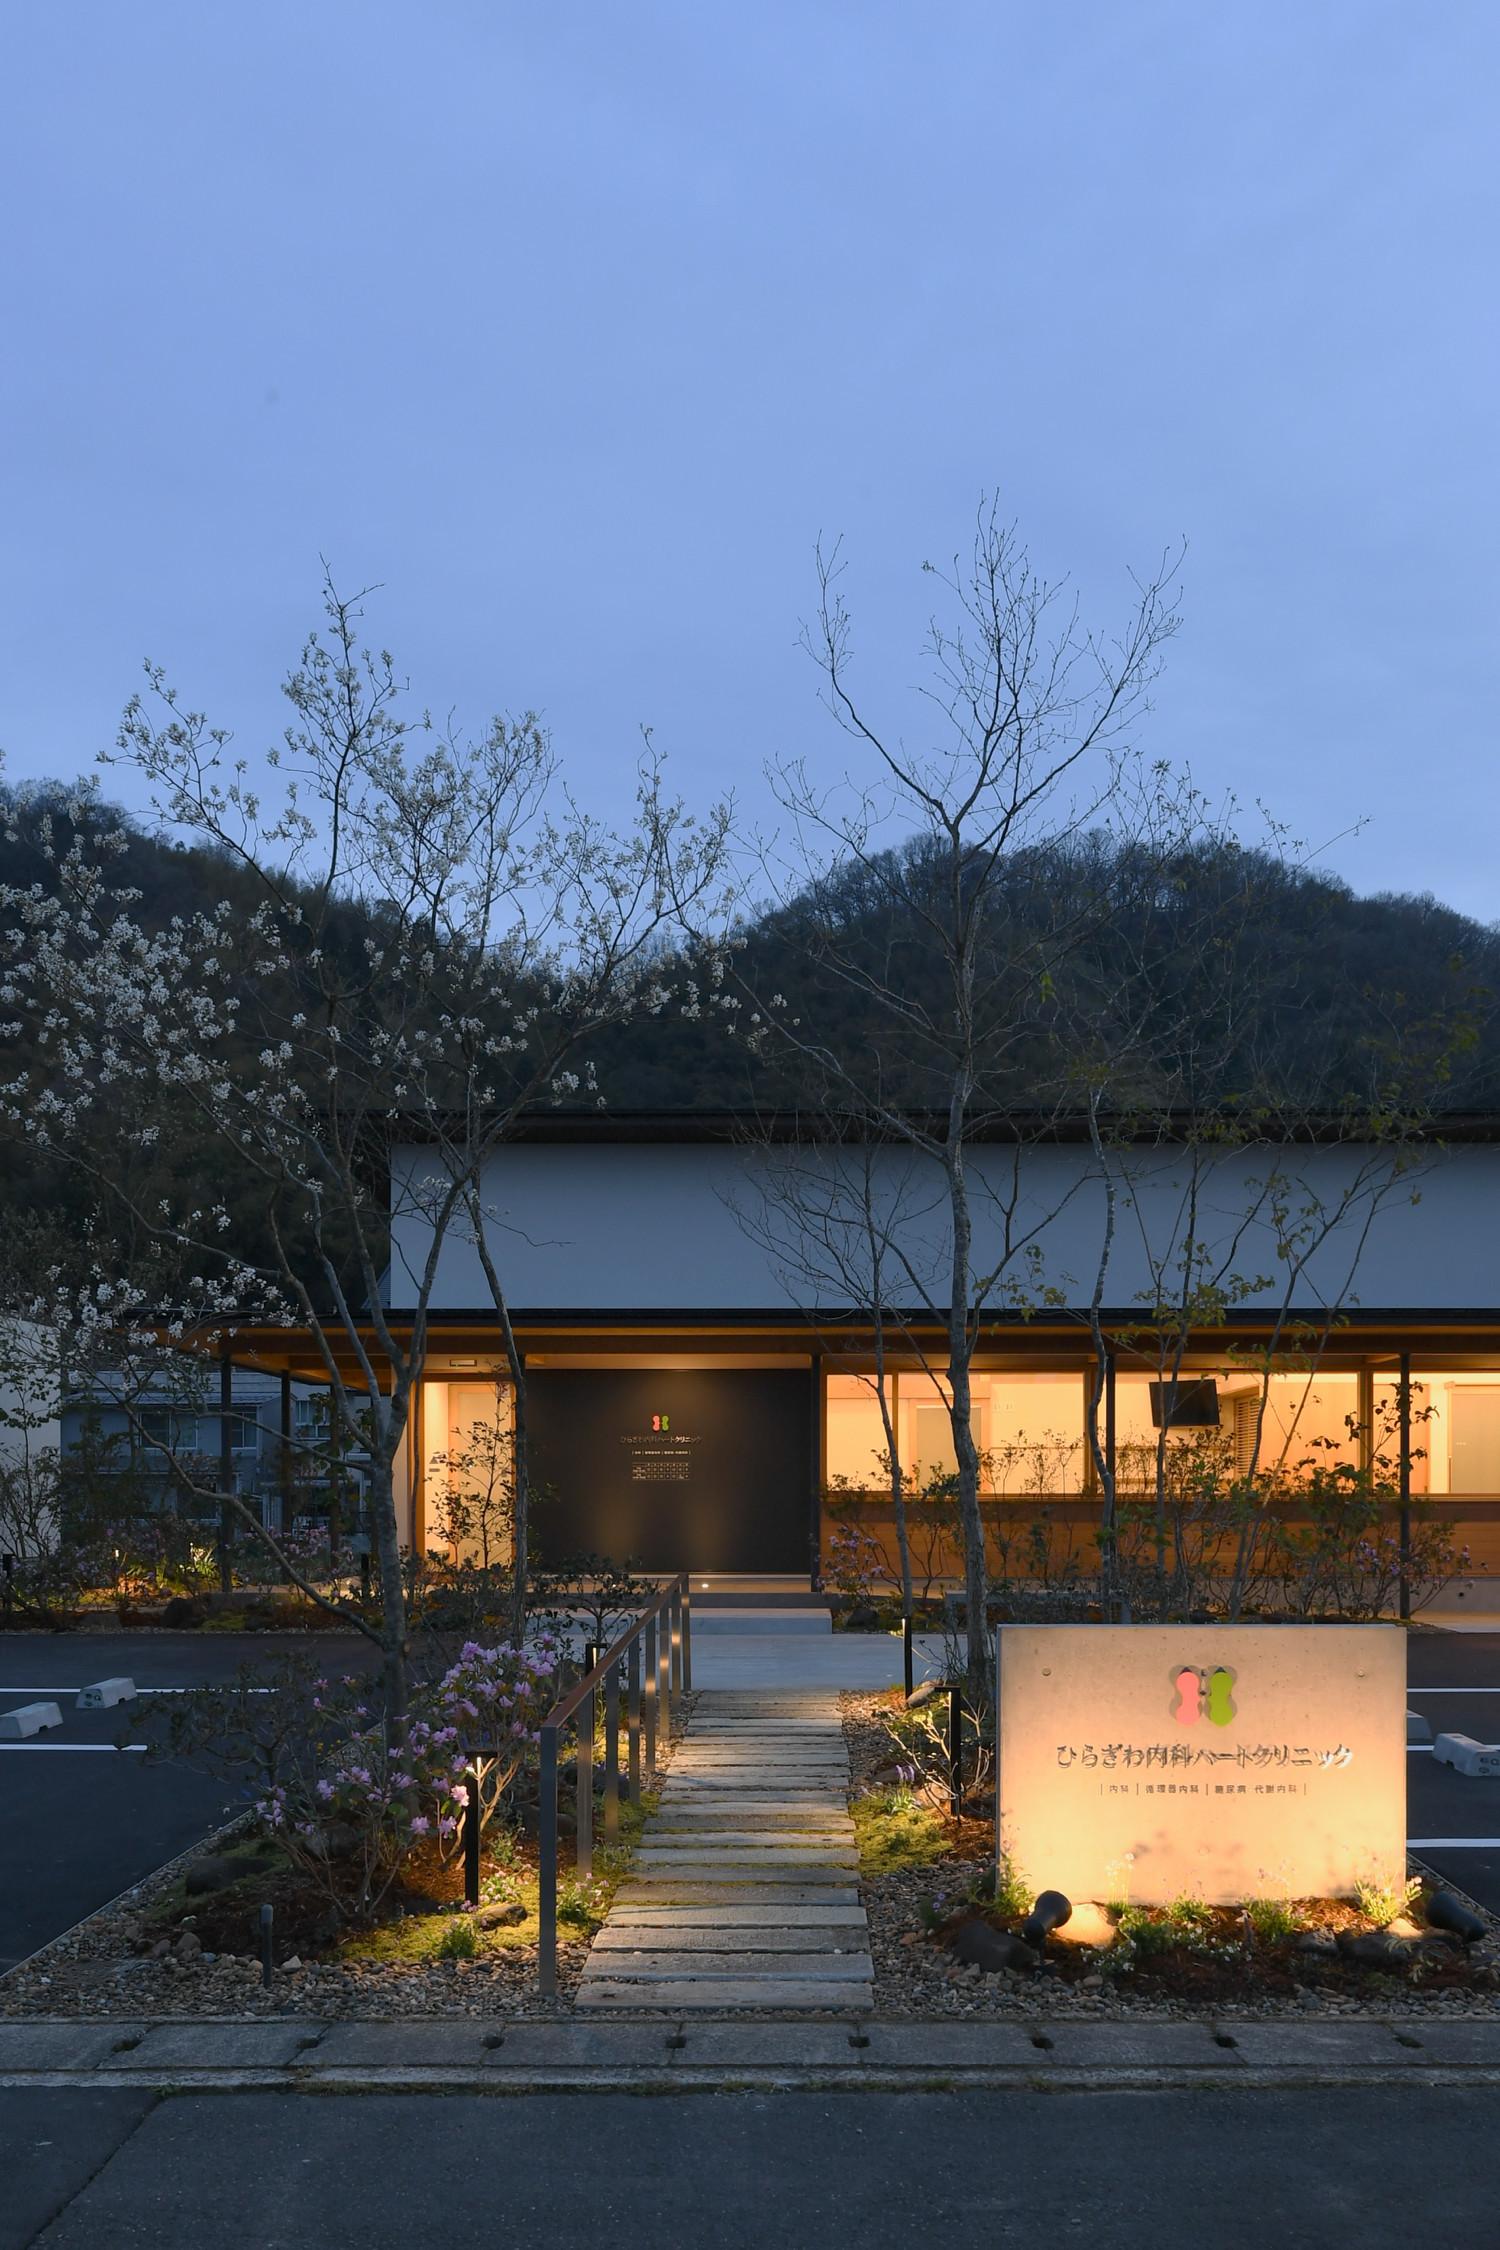 福井県福井市 ひらざわ内科ハートクリニック の建築事例写真